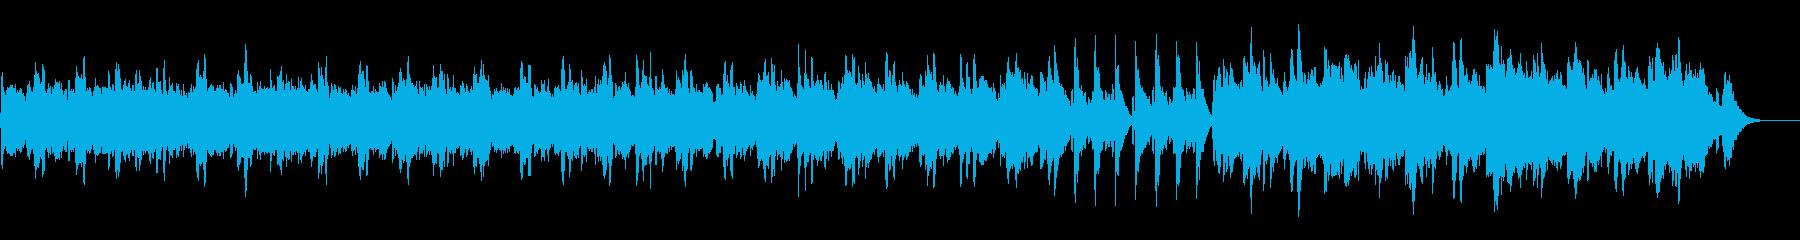 不思議、奇妙な出来事 ベルとストリングスの再生済みの波形